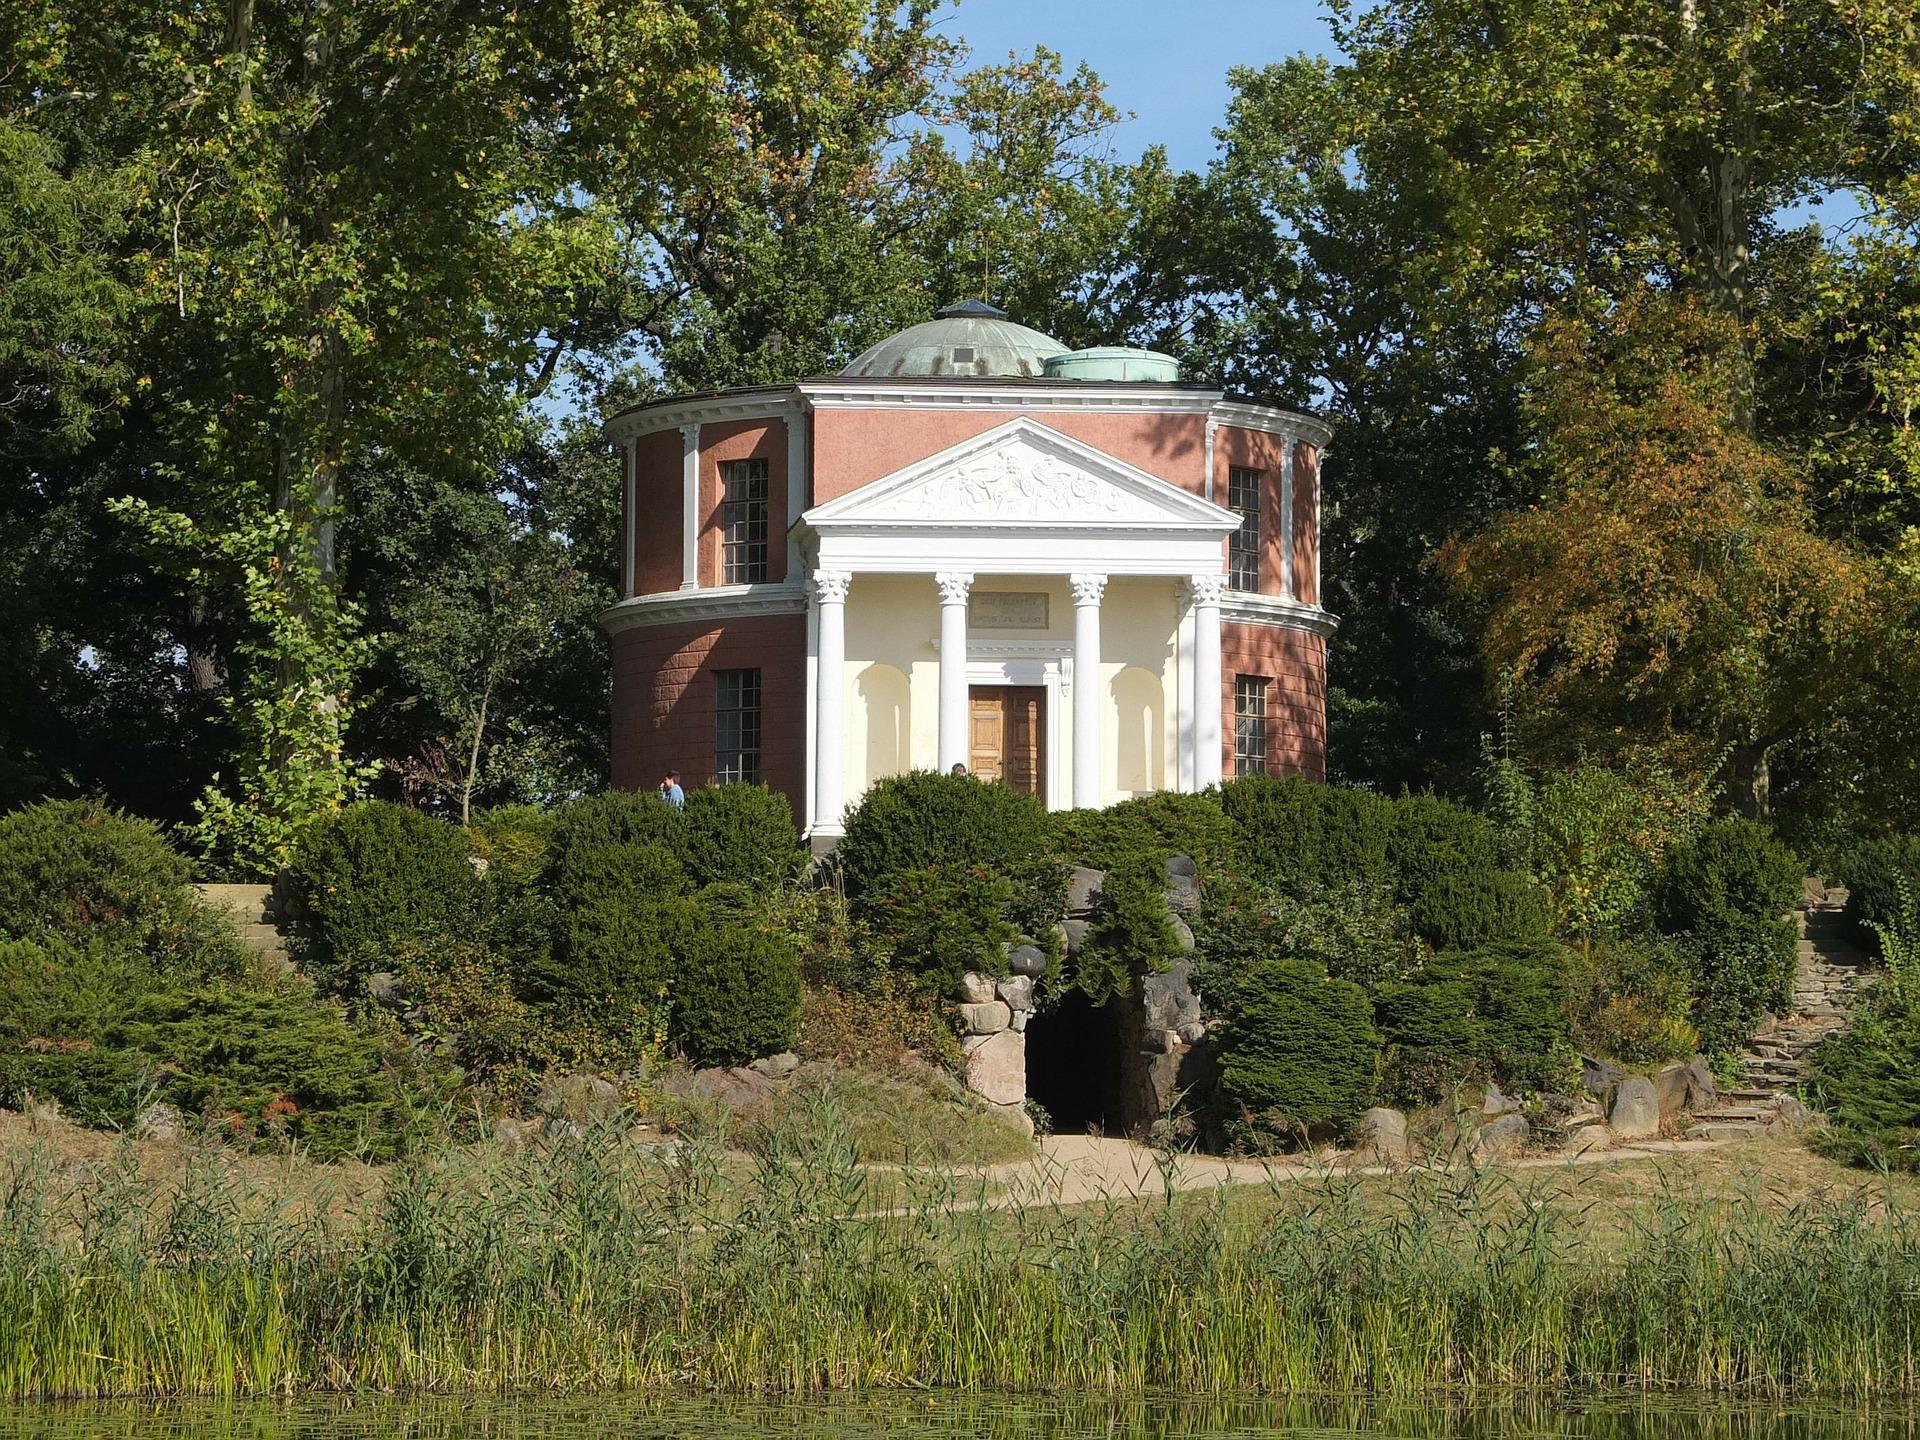 Gartenbaukunst im Wörlitzer Park mit dem Citroen 2CV Charleston entdecken